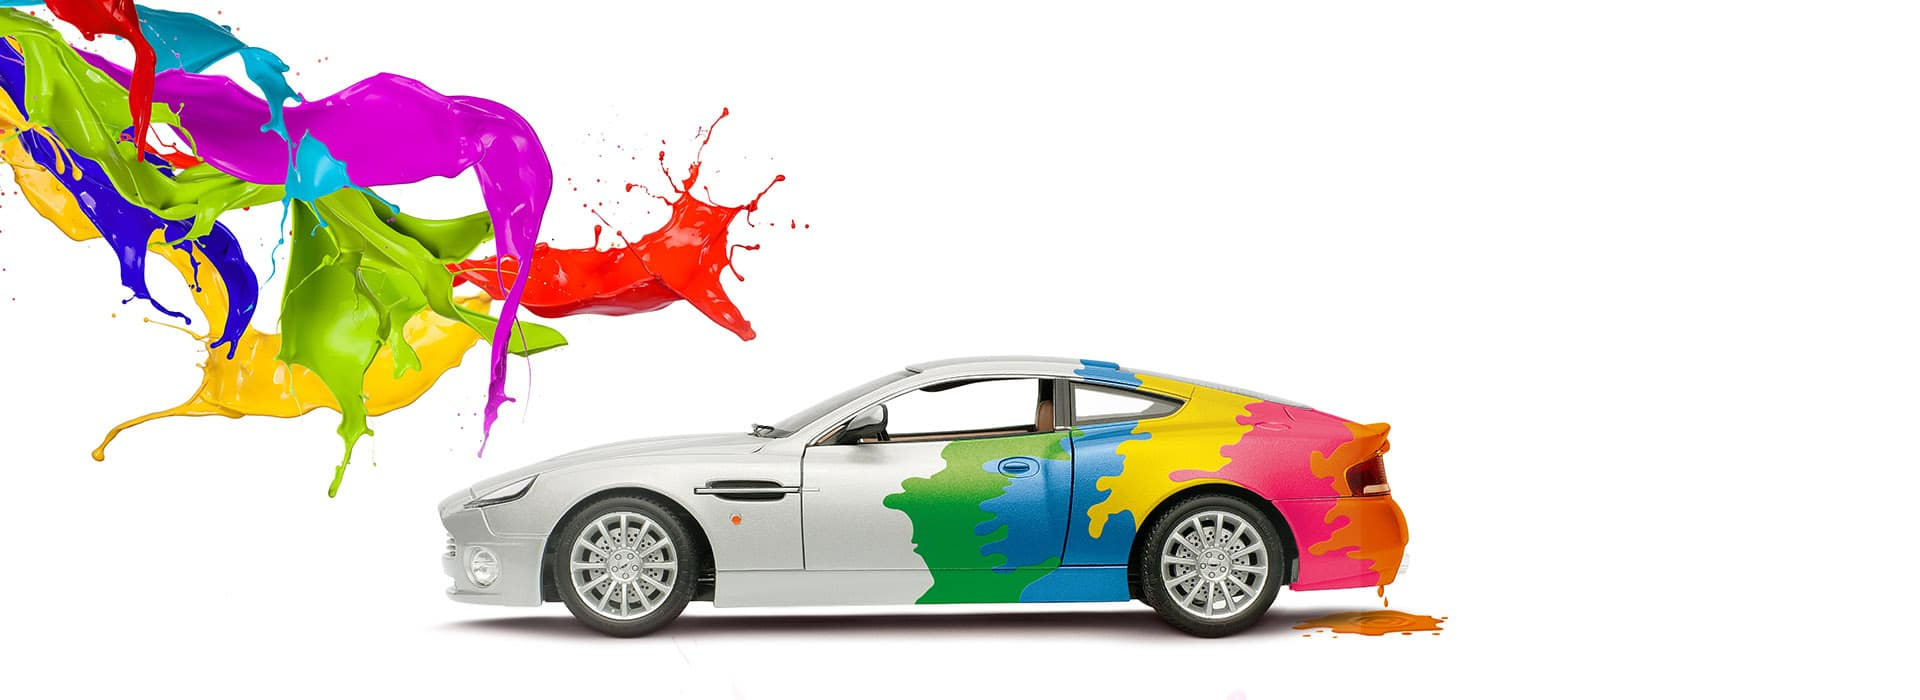 מאיר דוידוב המומחים לפחחות וצבע